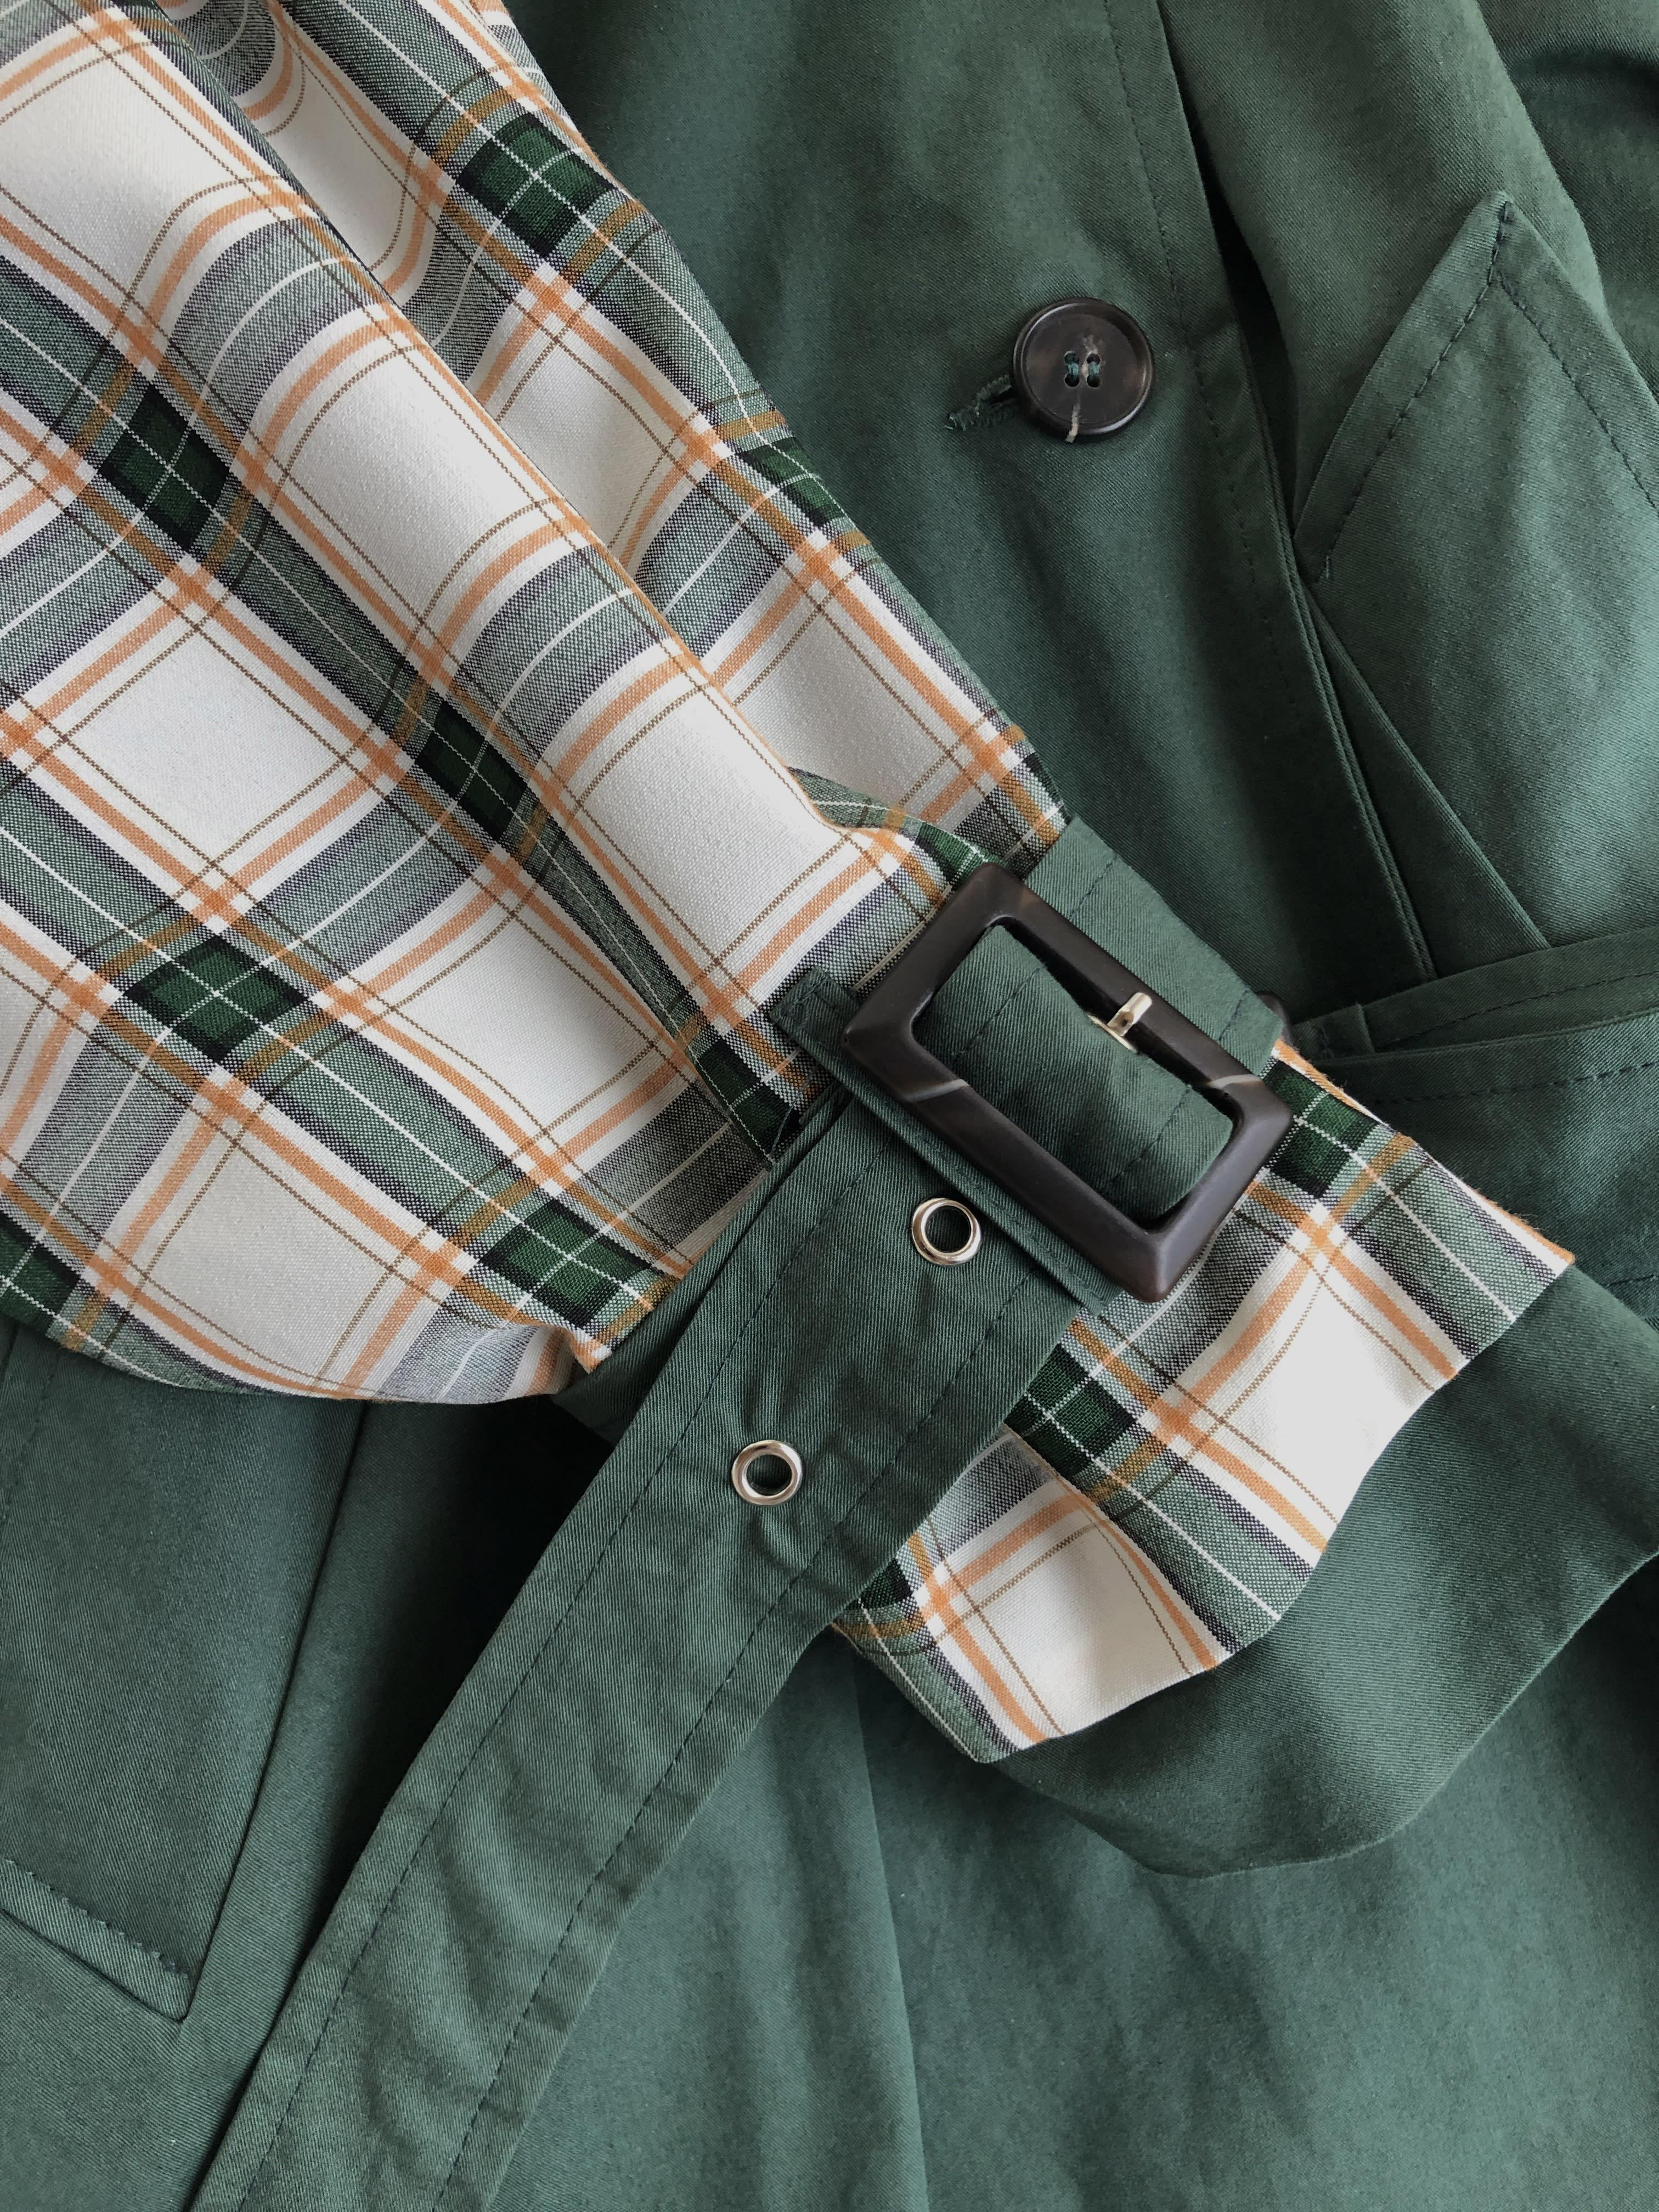 Packshot du produit Trench Tricolore Uni et Carreaux de la catégorie Vestes & Manteaux